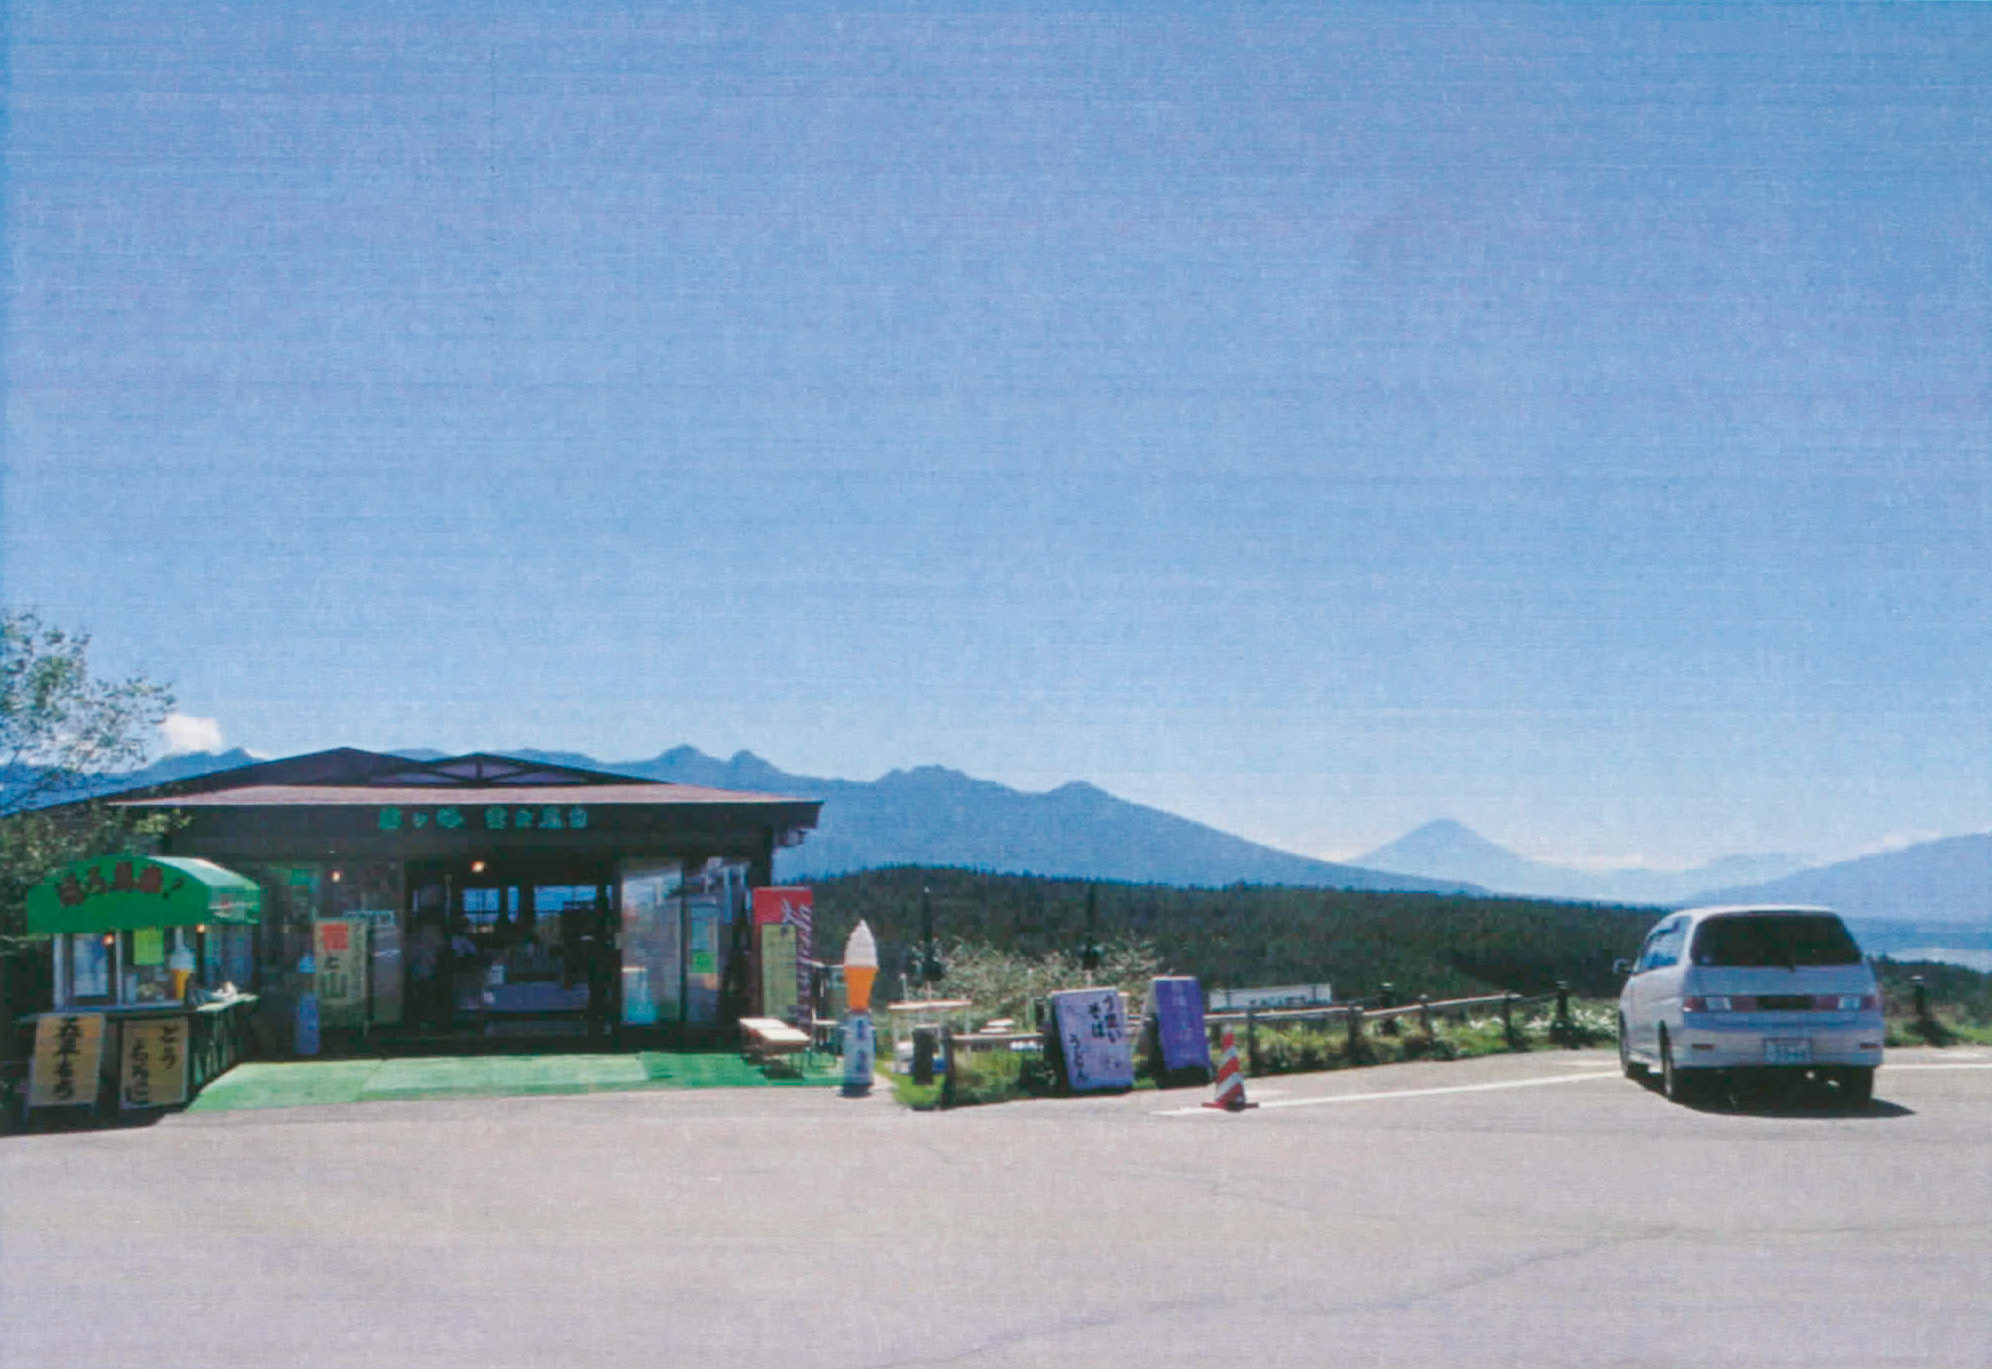 ドライブイン霧ヶ峰富士見台